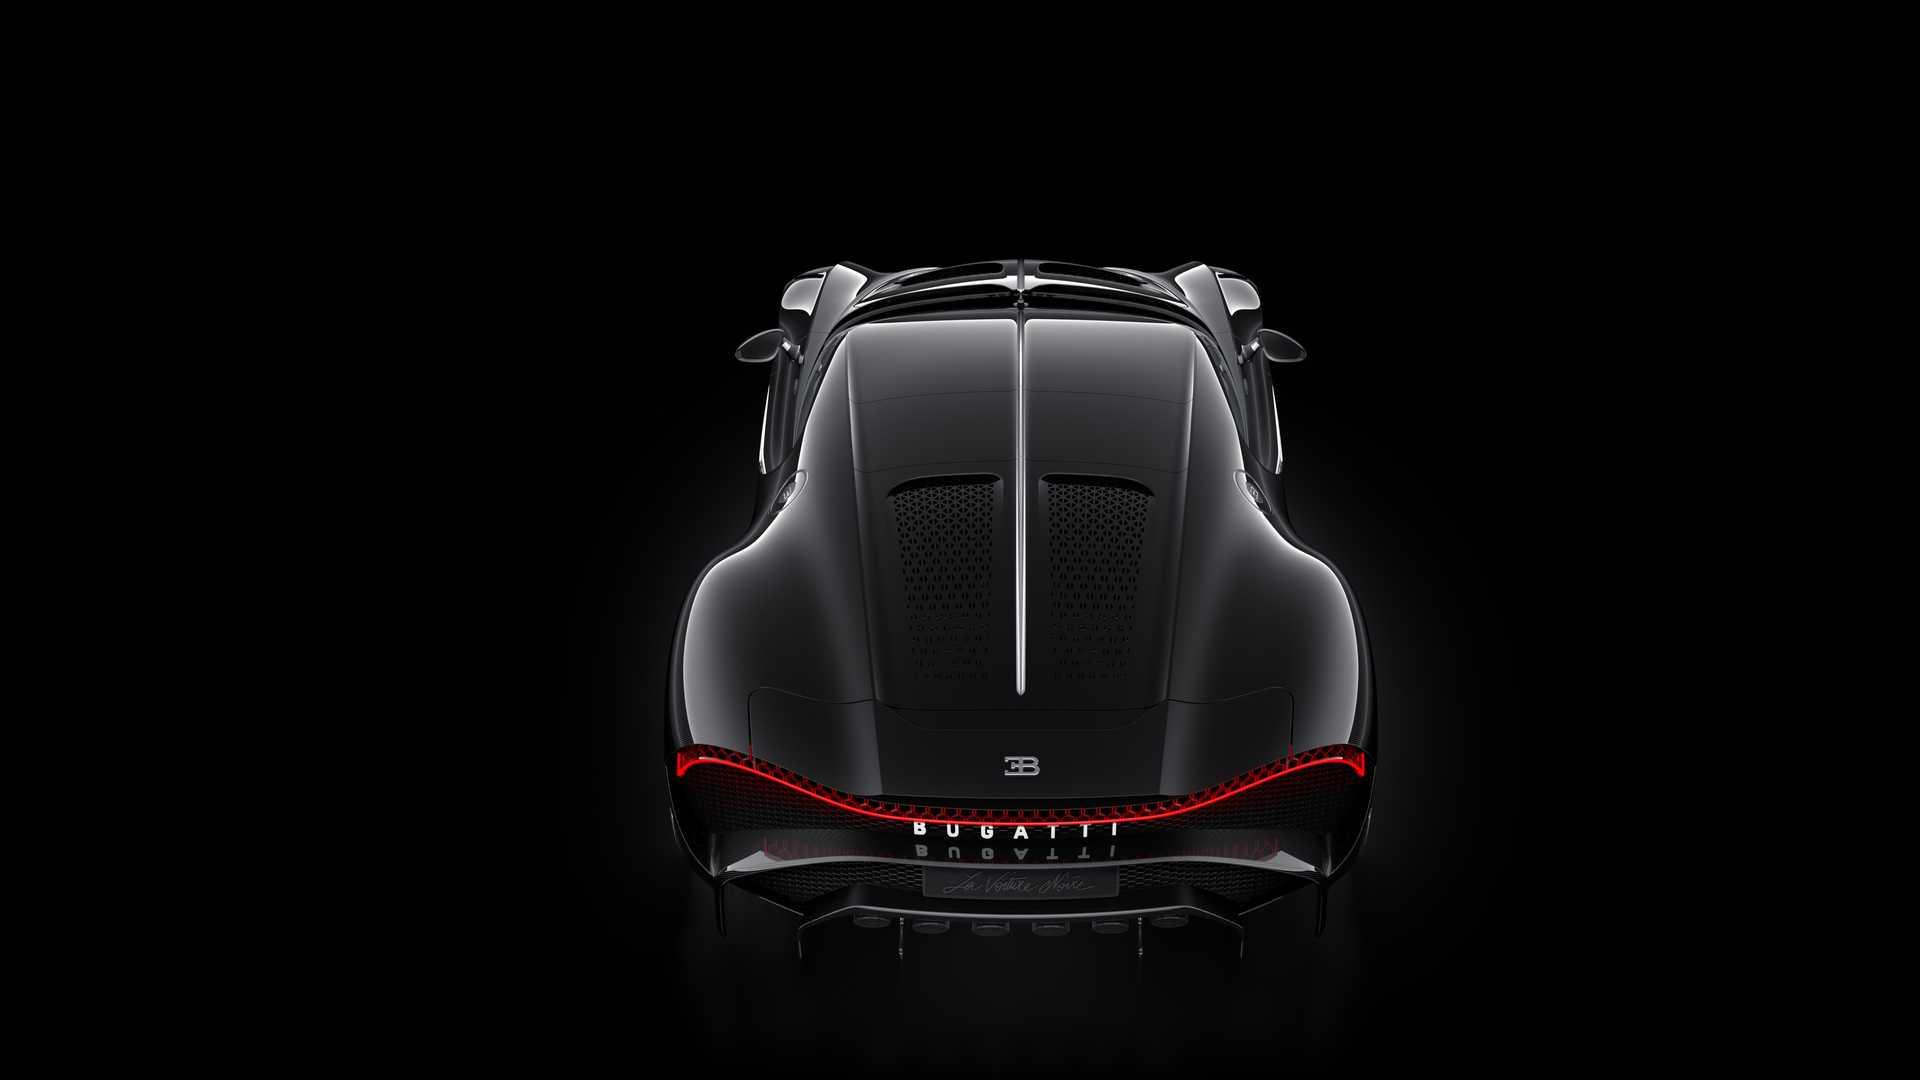 bugatti-la-voiture-noire (18)